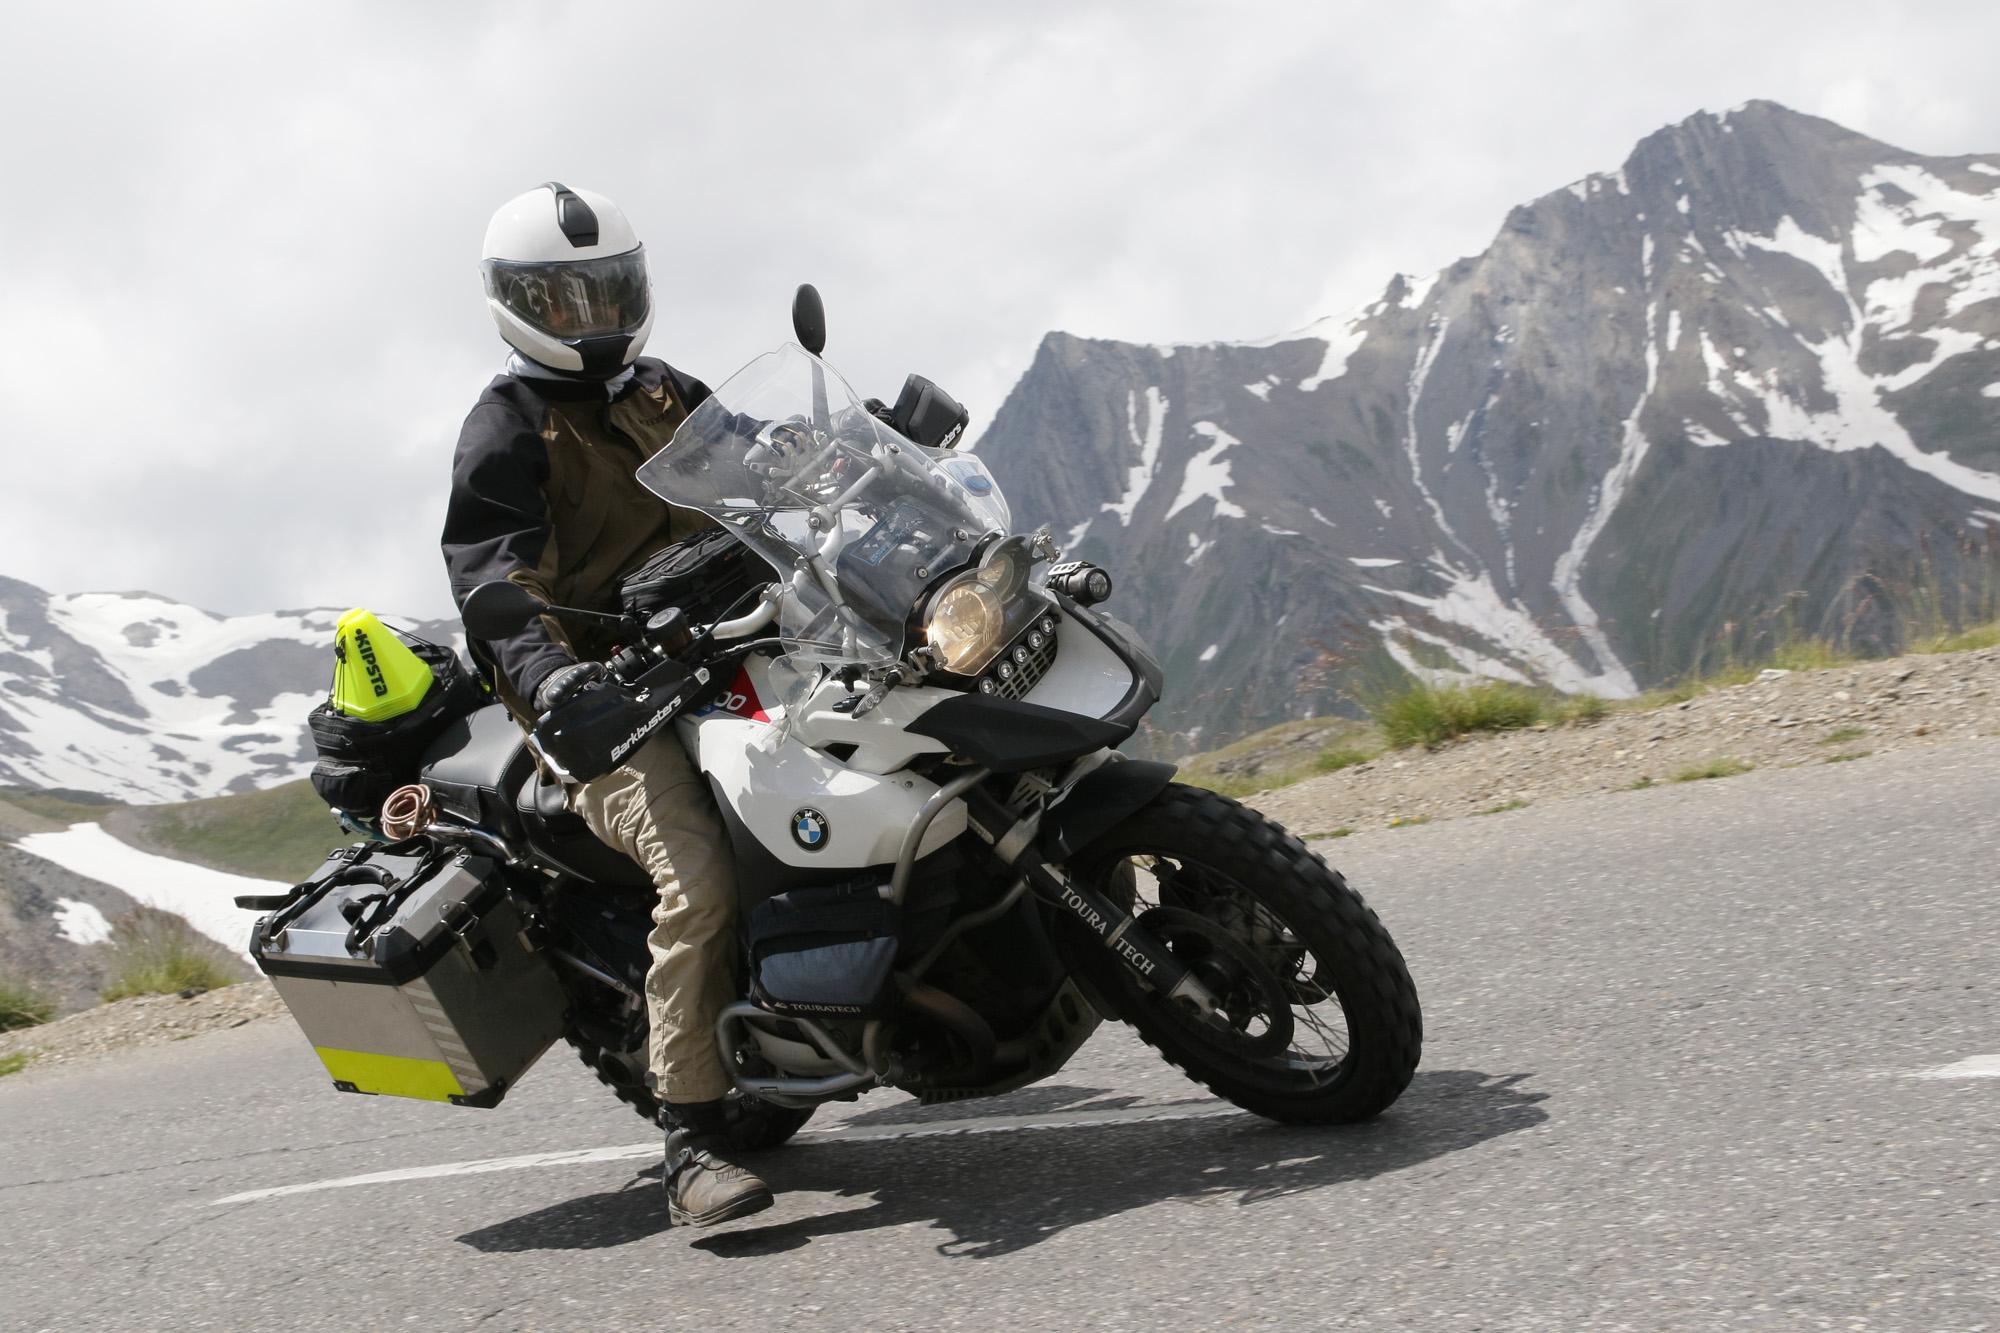 La veste Klim Traverse, avec des protections, convient pour un usage routier.